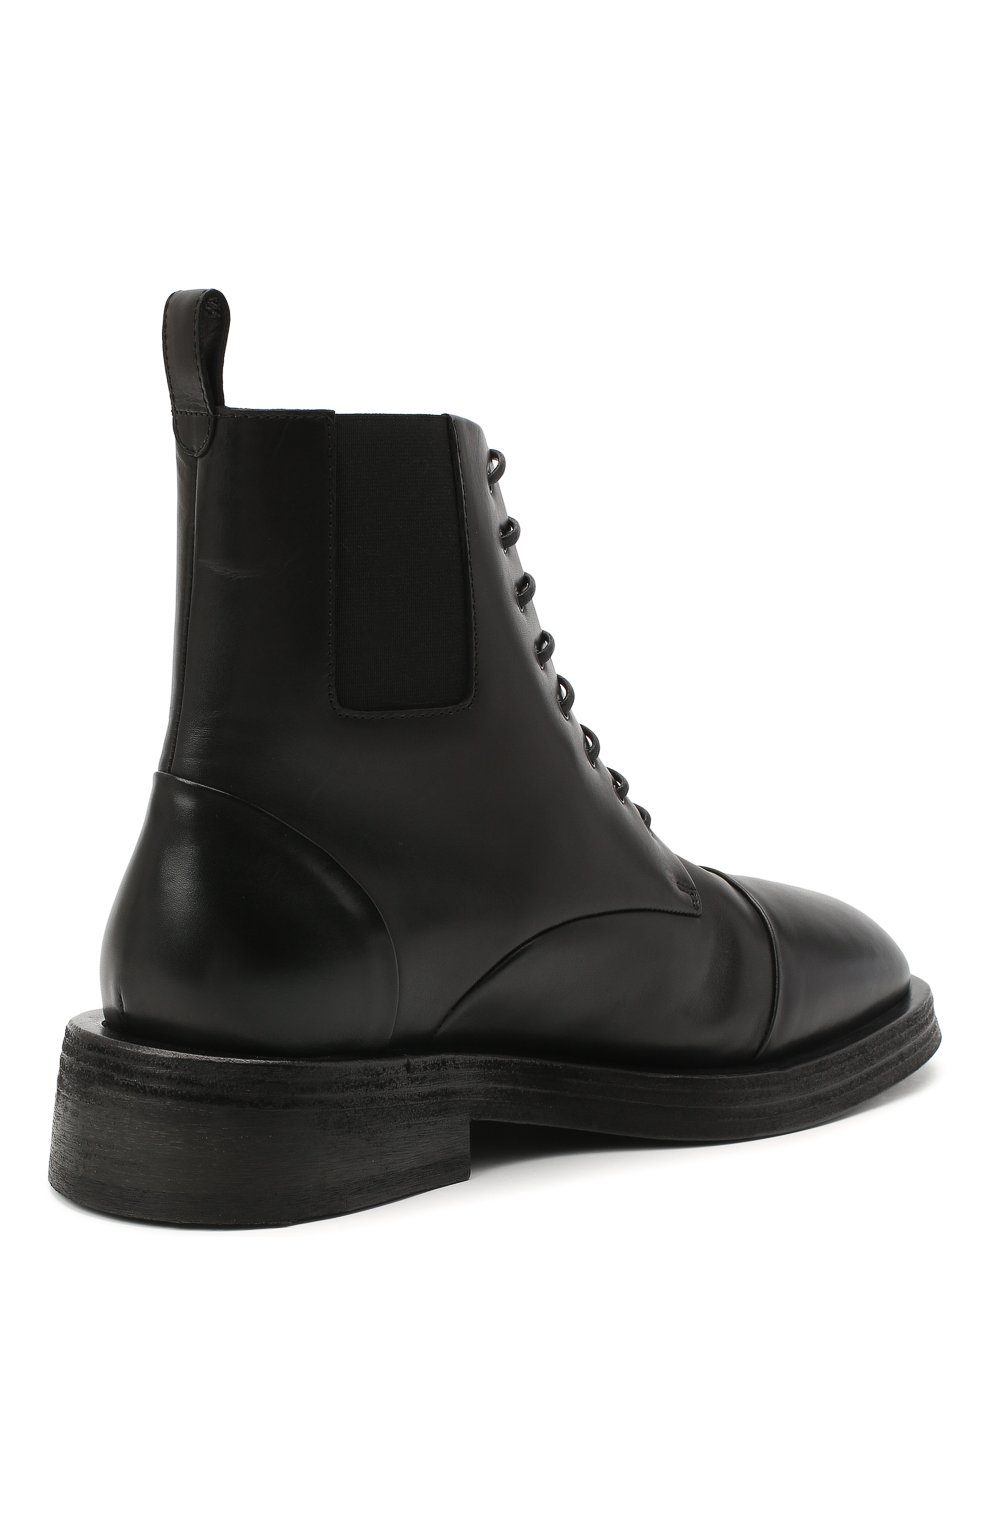 Мужские кожаные ботинки MARSELL черного цвета, арт. MM4070/PELLE VITELL0 | Фото 4 (Мужское Кросс-КТ: Ботинки-обувь; Материал внутренний: Натуральная кожа; Подошва: Плоская)